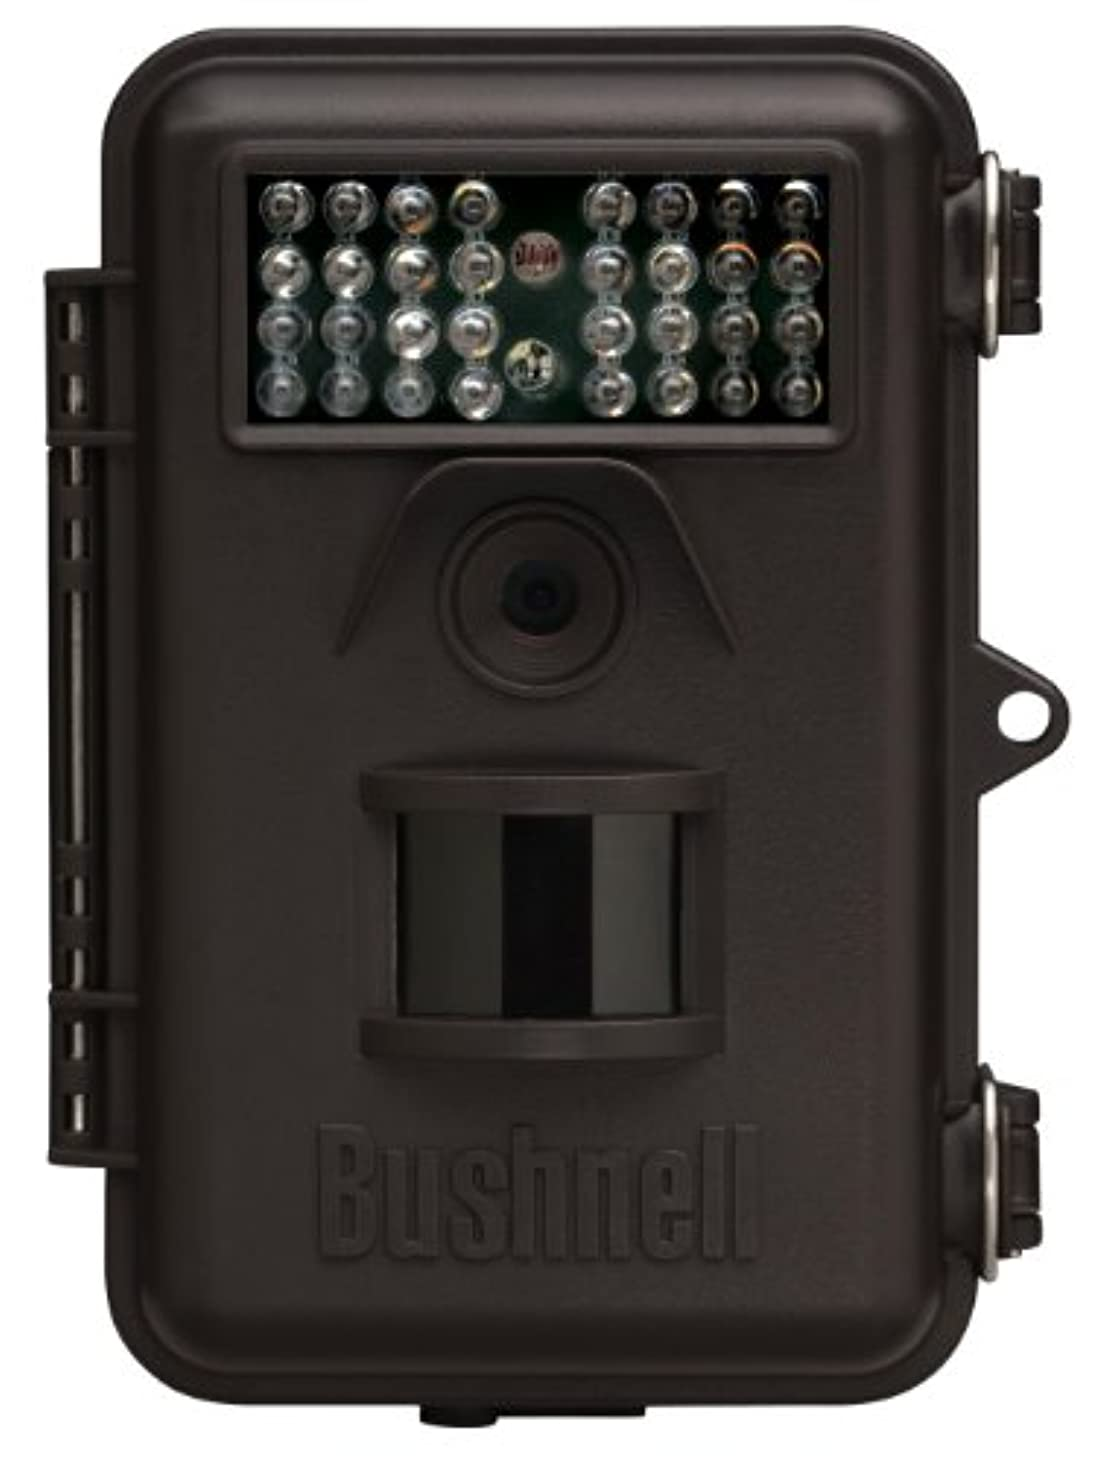 絶壁額動脈Bushnell TROPHYCAM トレイルカメラ トロフィーカム 119436C 並行輸入品